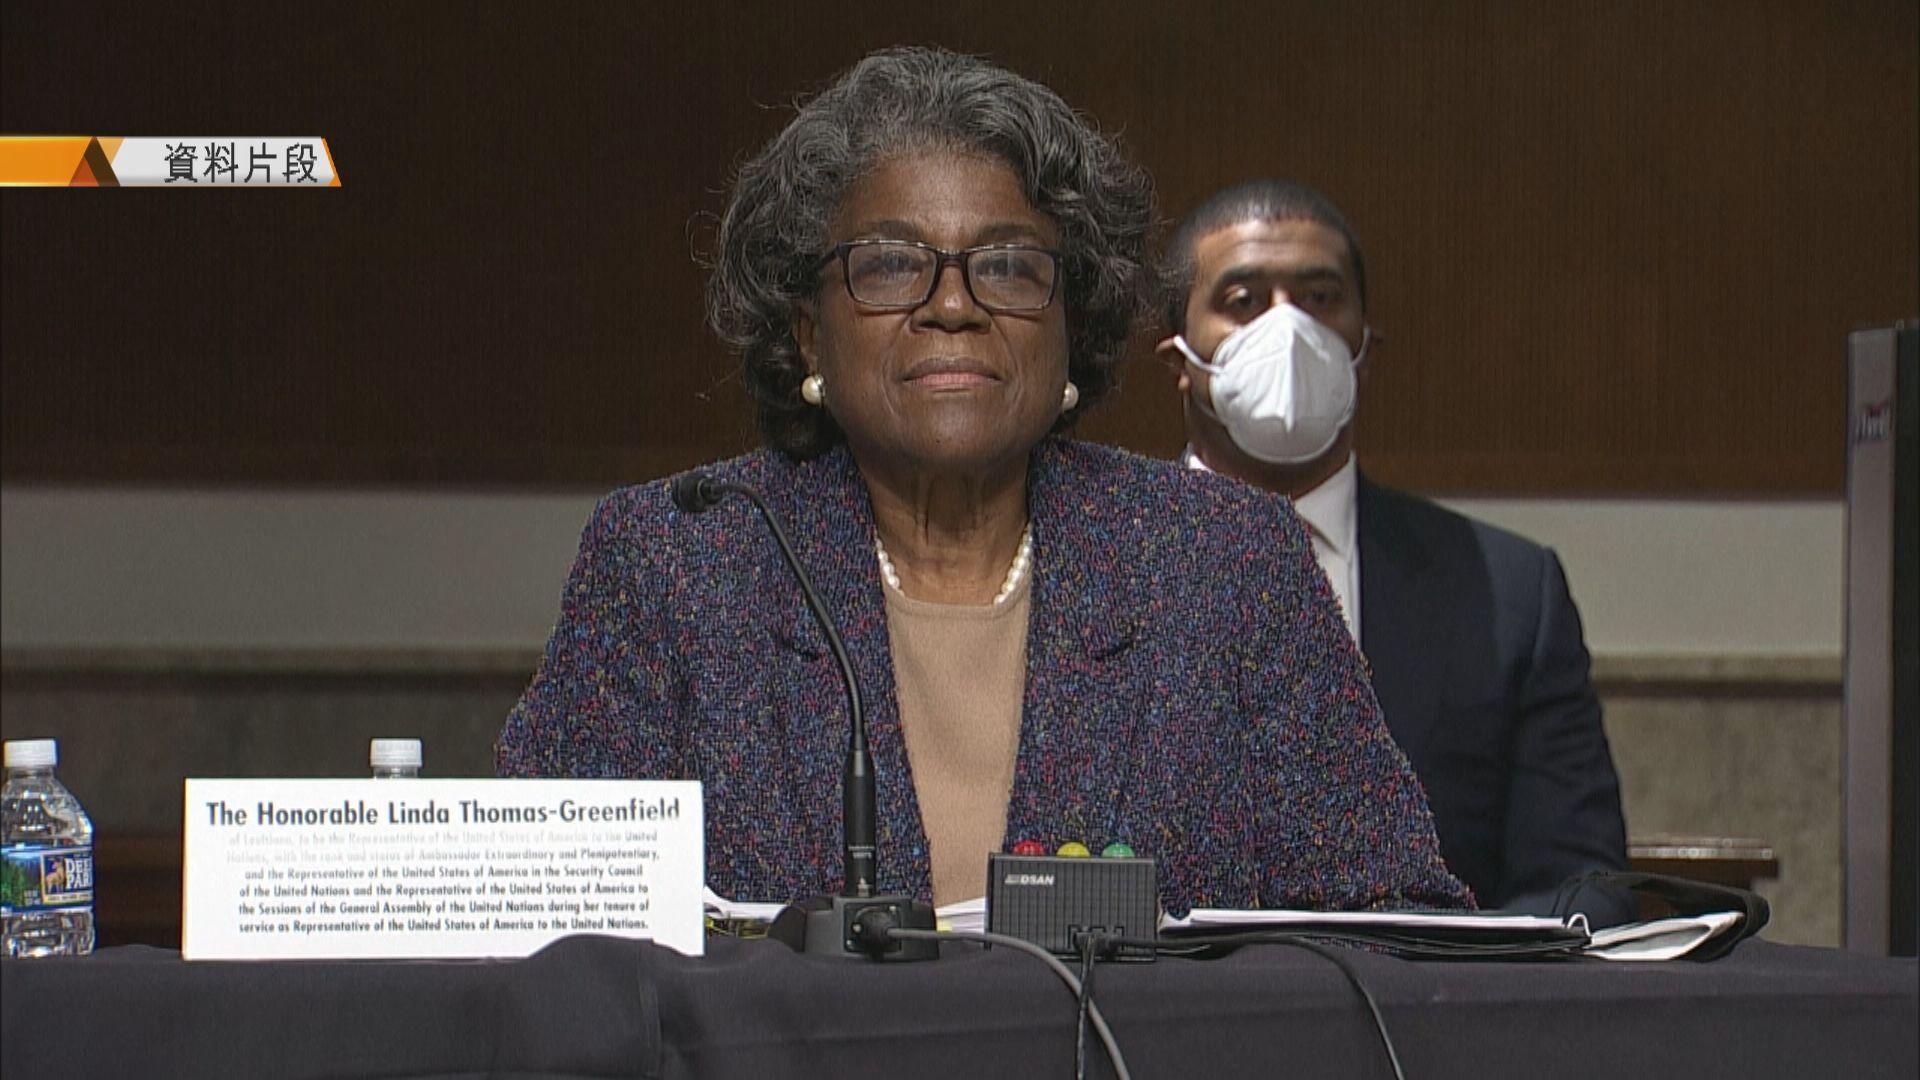 美國參議院通過常駐聯合國代表提名